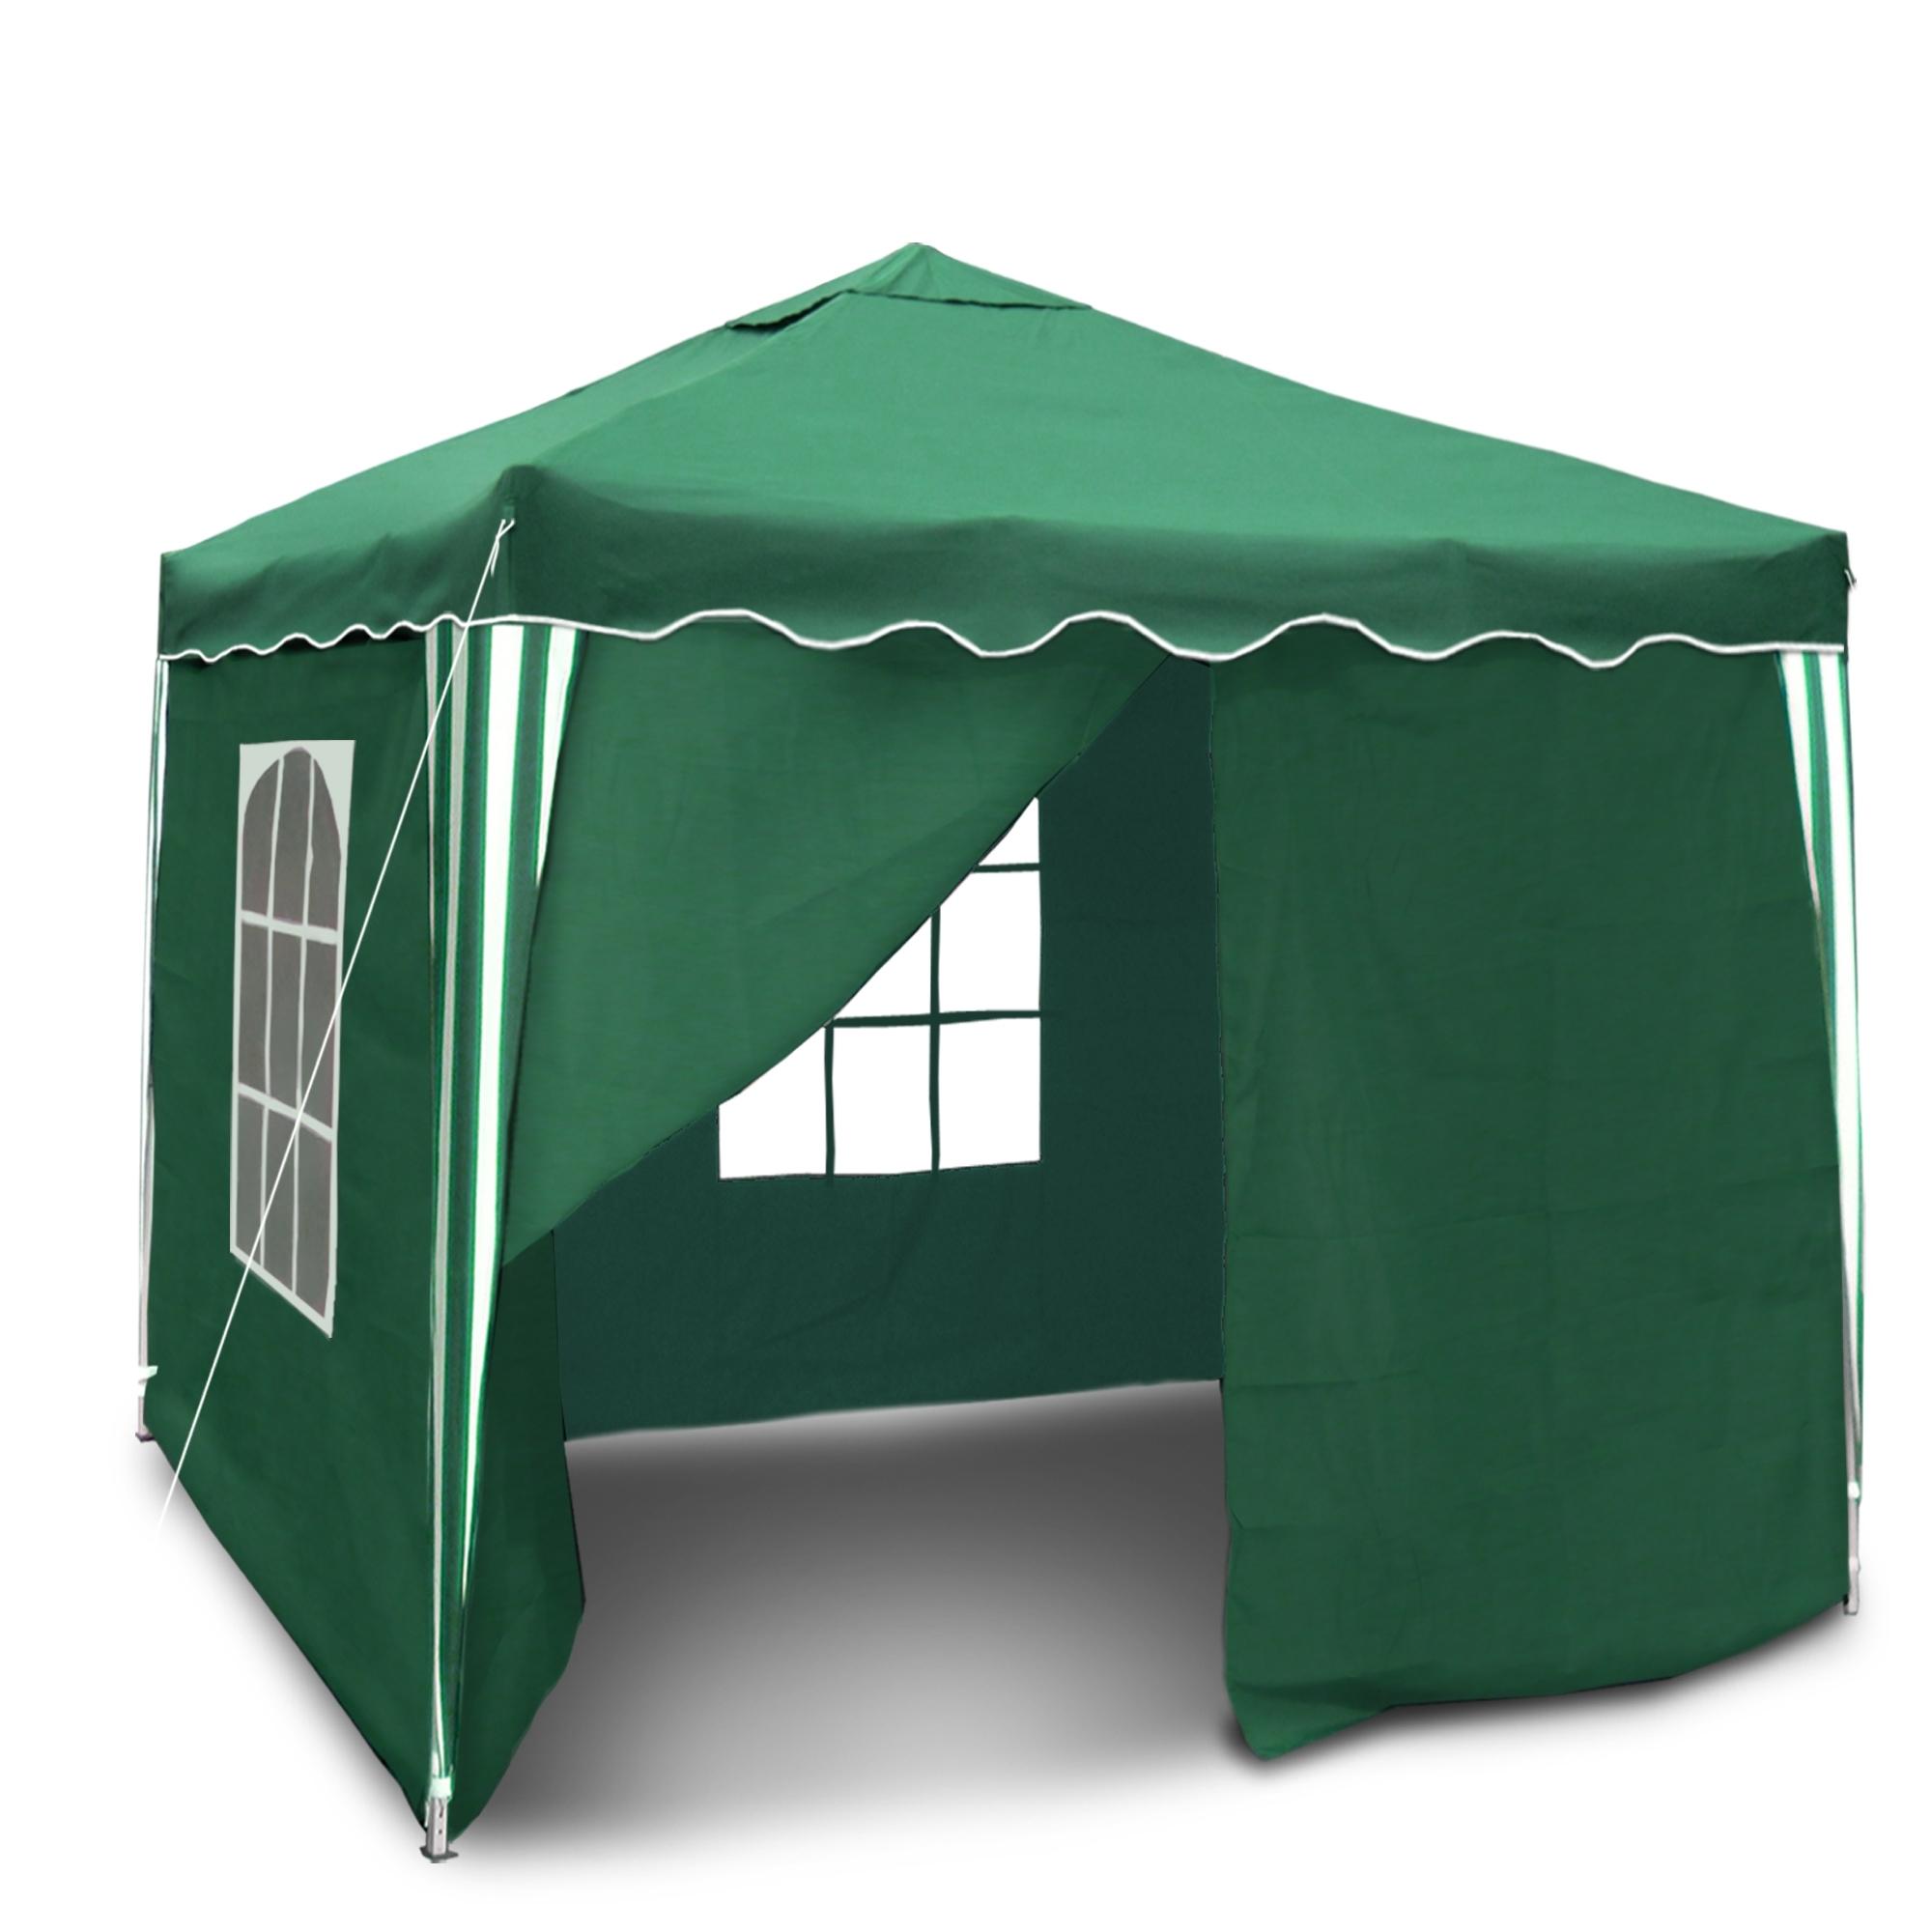 barnum de jardin imperm able vert pliable 3 x 3 m mat riau oxford 200d avec rev tement. Black Bedroom Furniture Sets. Home Design Ideas